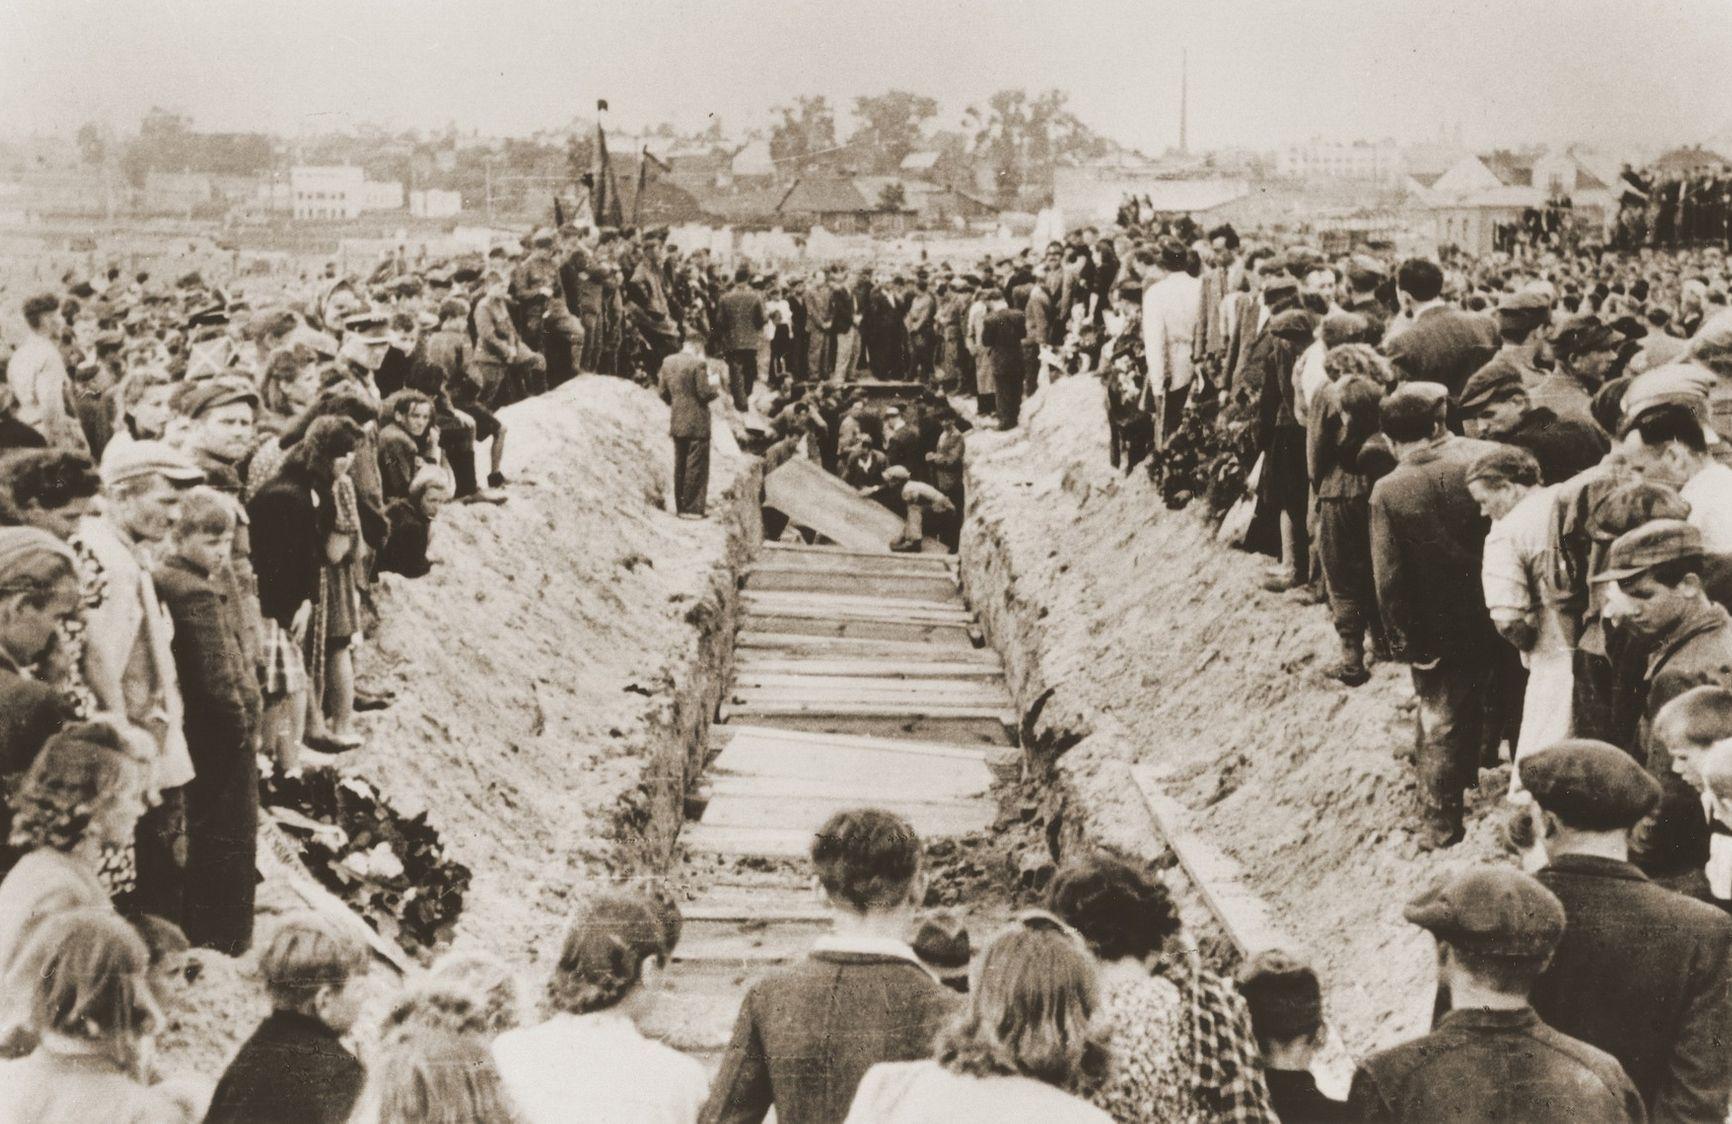 Похороны жертв погрома. Кельц, 1946 г.